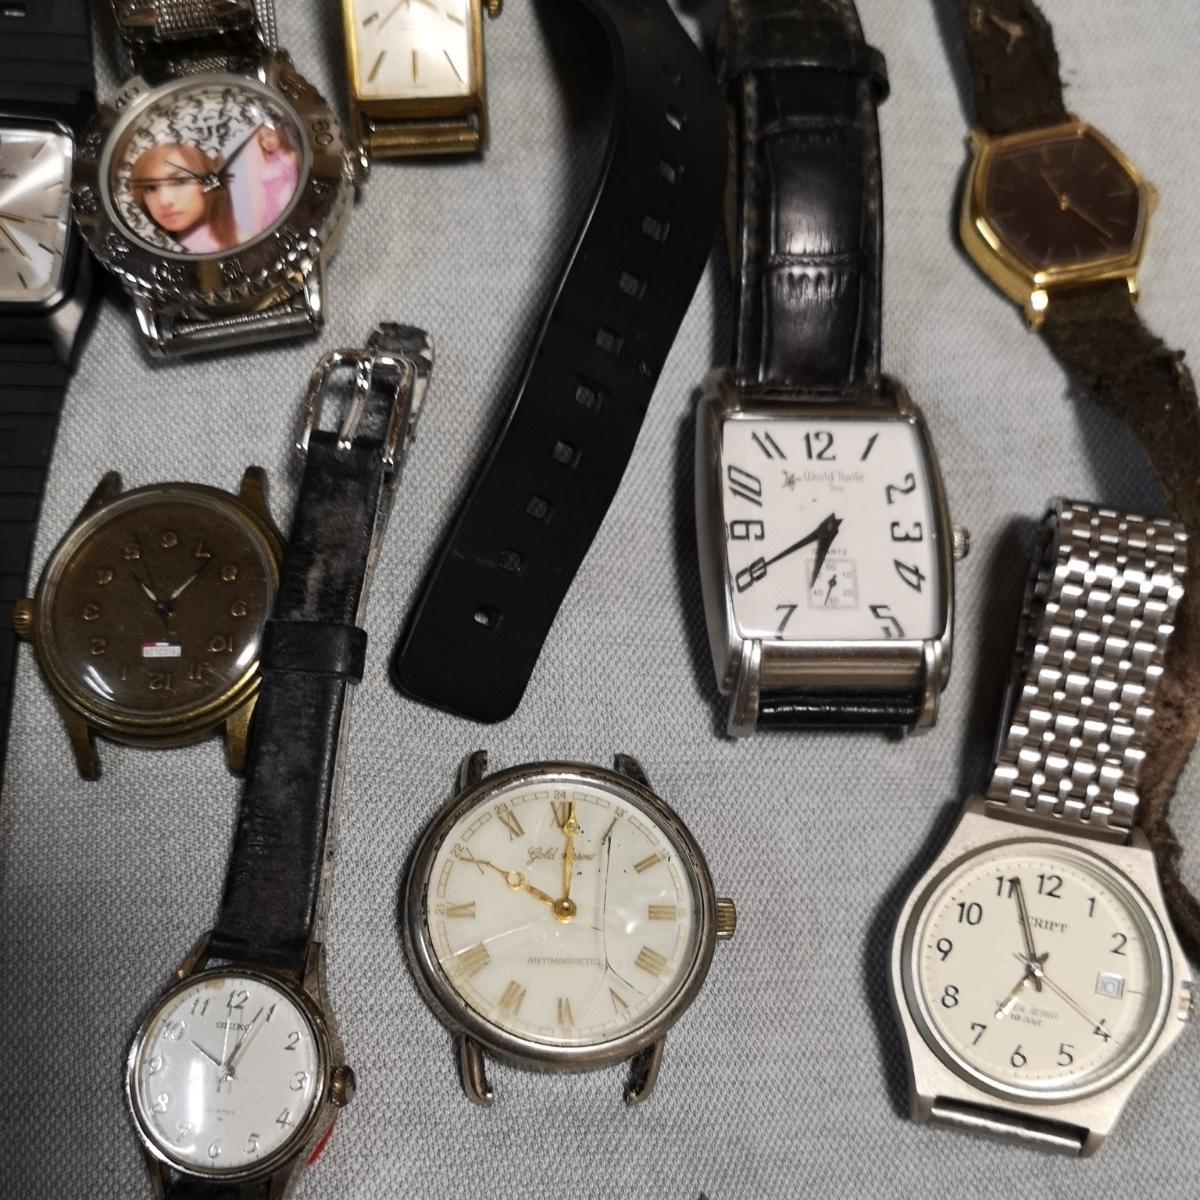 腕時計 大量 50個 SEIKO CITIZEN カシオ クォーツ 手巻 懐中時計 銀時計 ジャンク_画像5